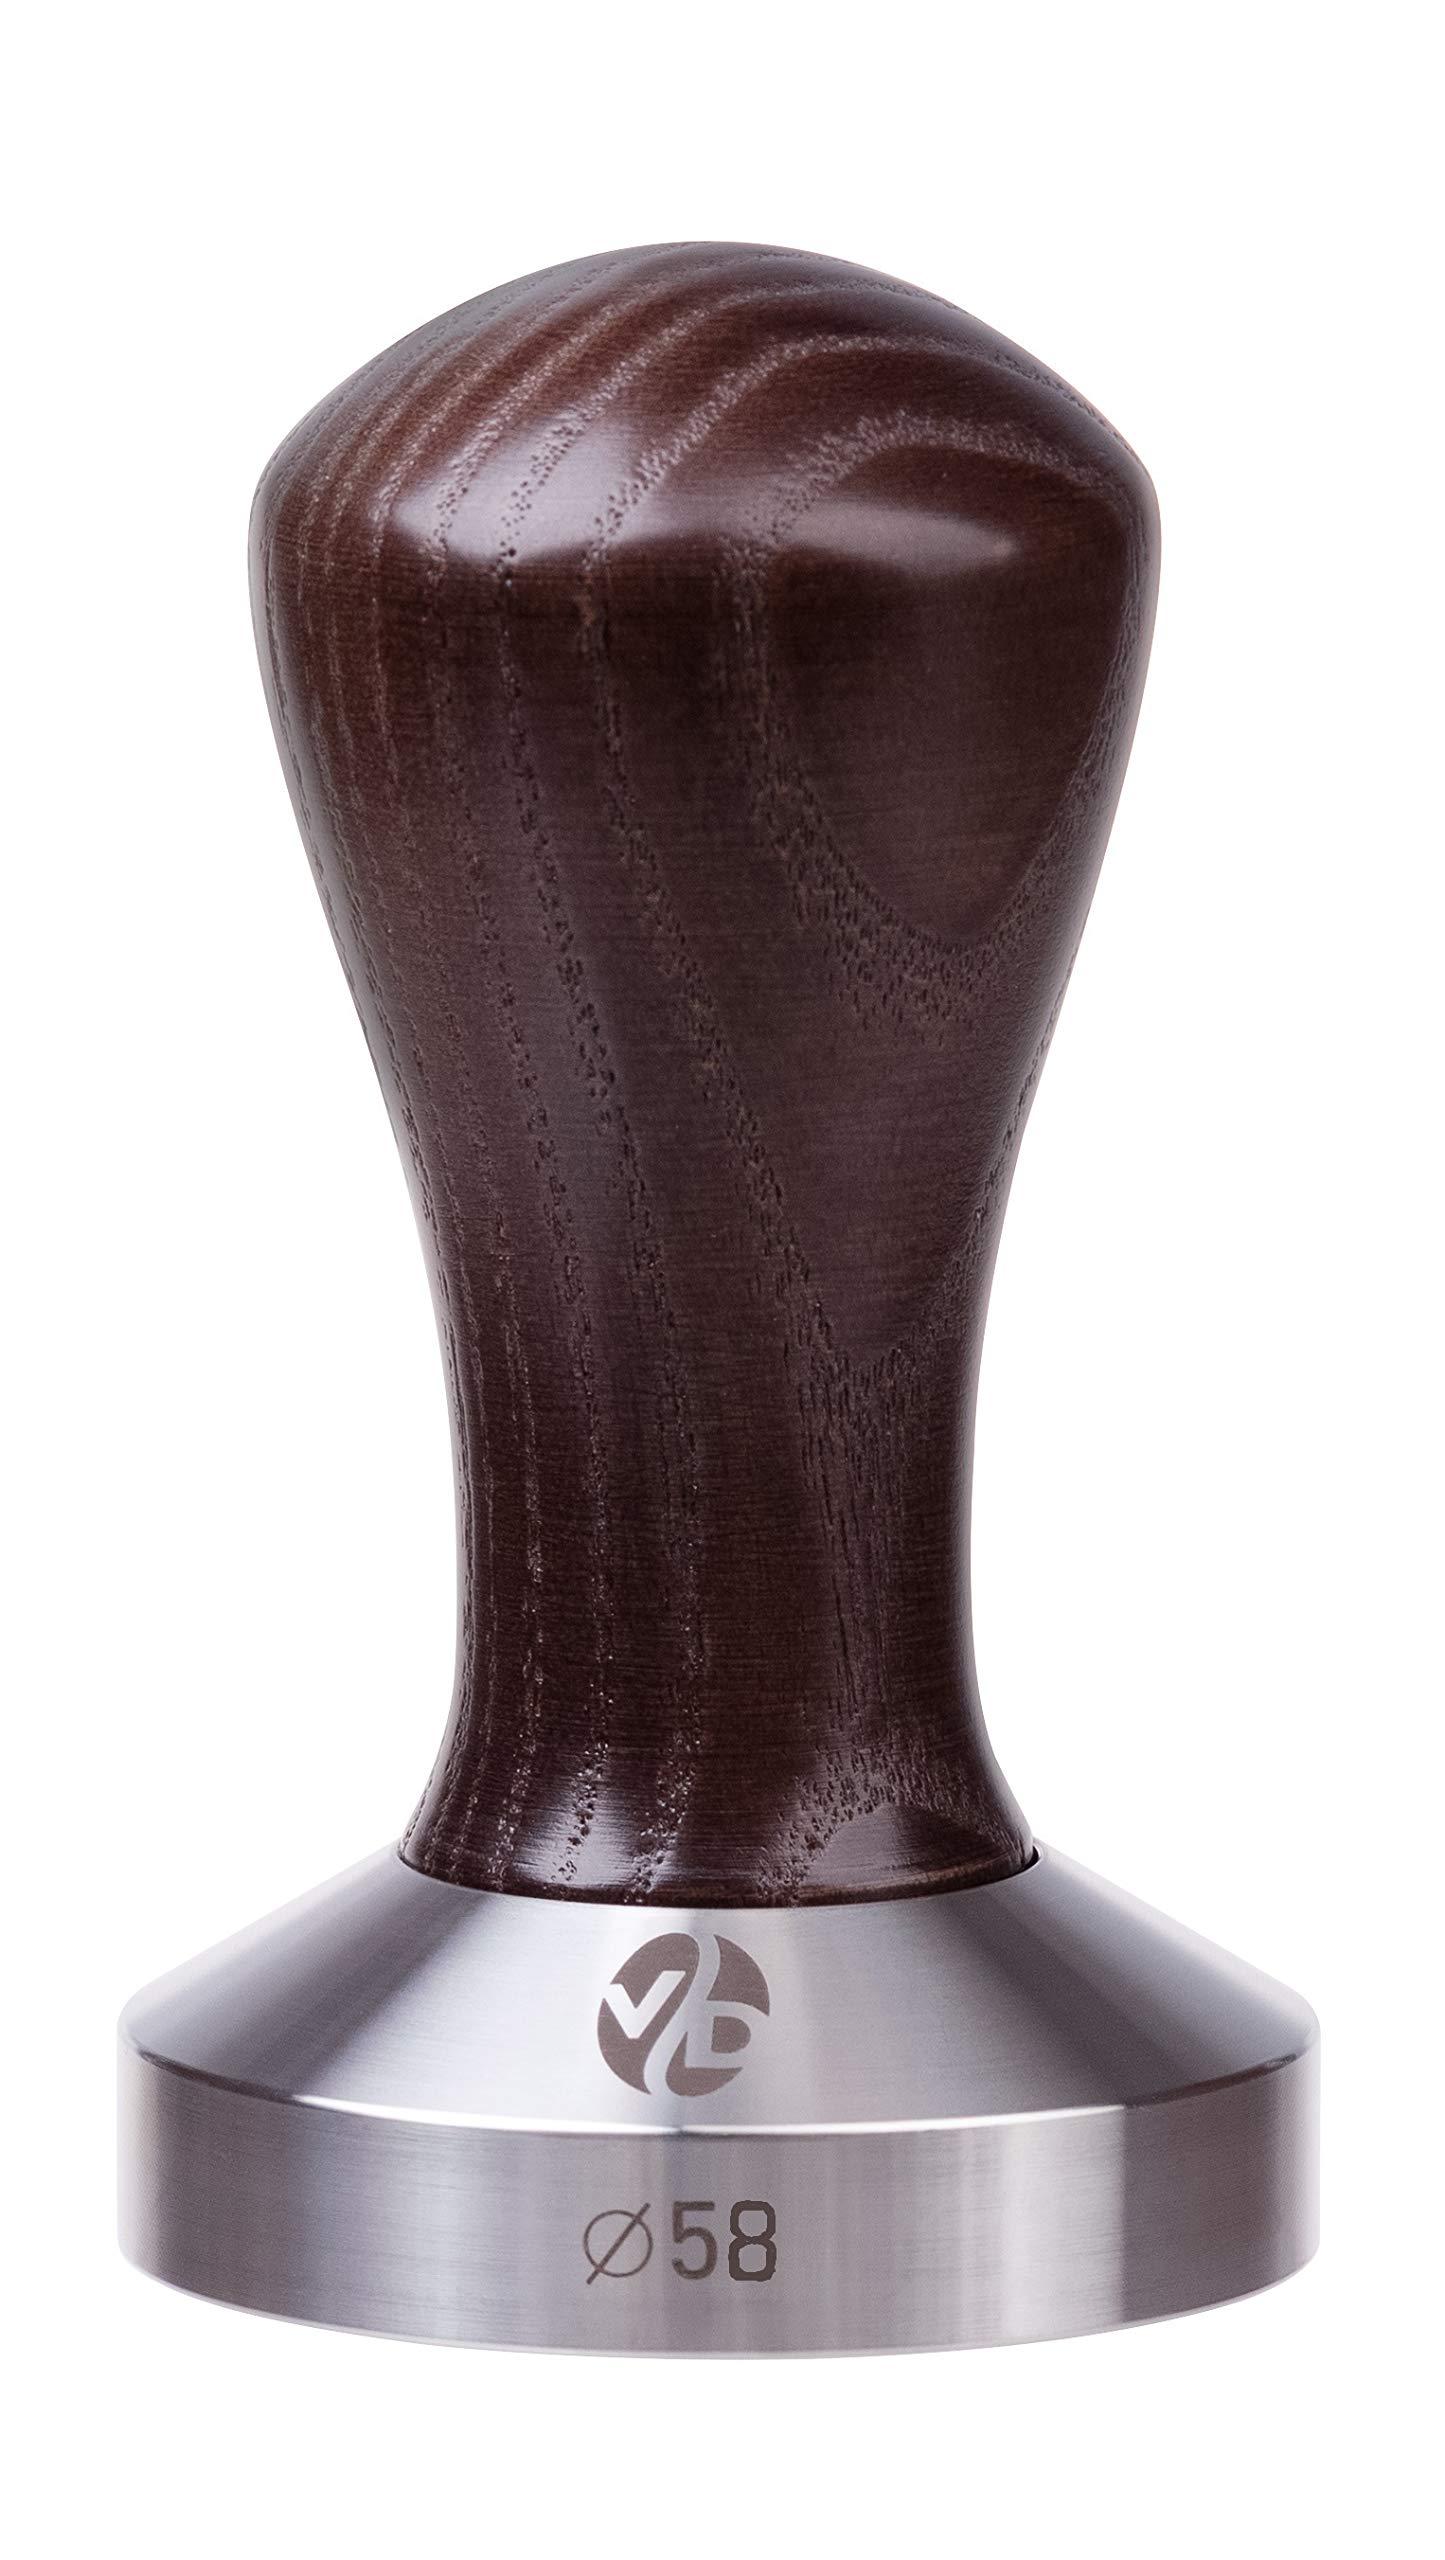 Tamper - Espresso Tamper - mm Tamper - Coffee Tamper Classic Series - Coffee Press Tool - Tamper Espresso - Stainless Steel Espresso Tamper - Handle Solid Wood - Pressure Base Tampers (venge, 58mm)